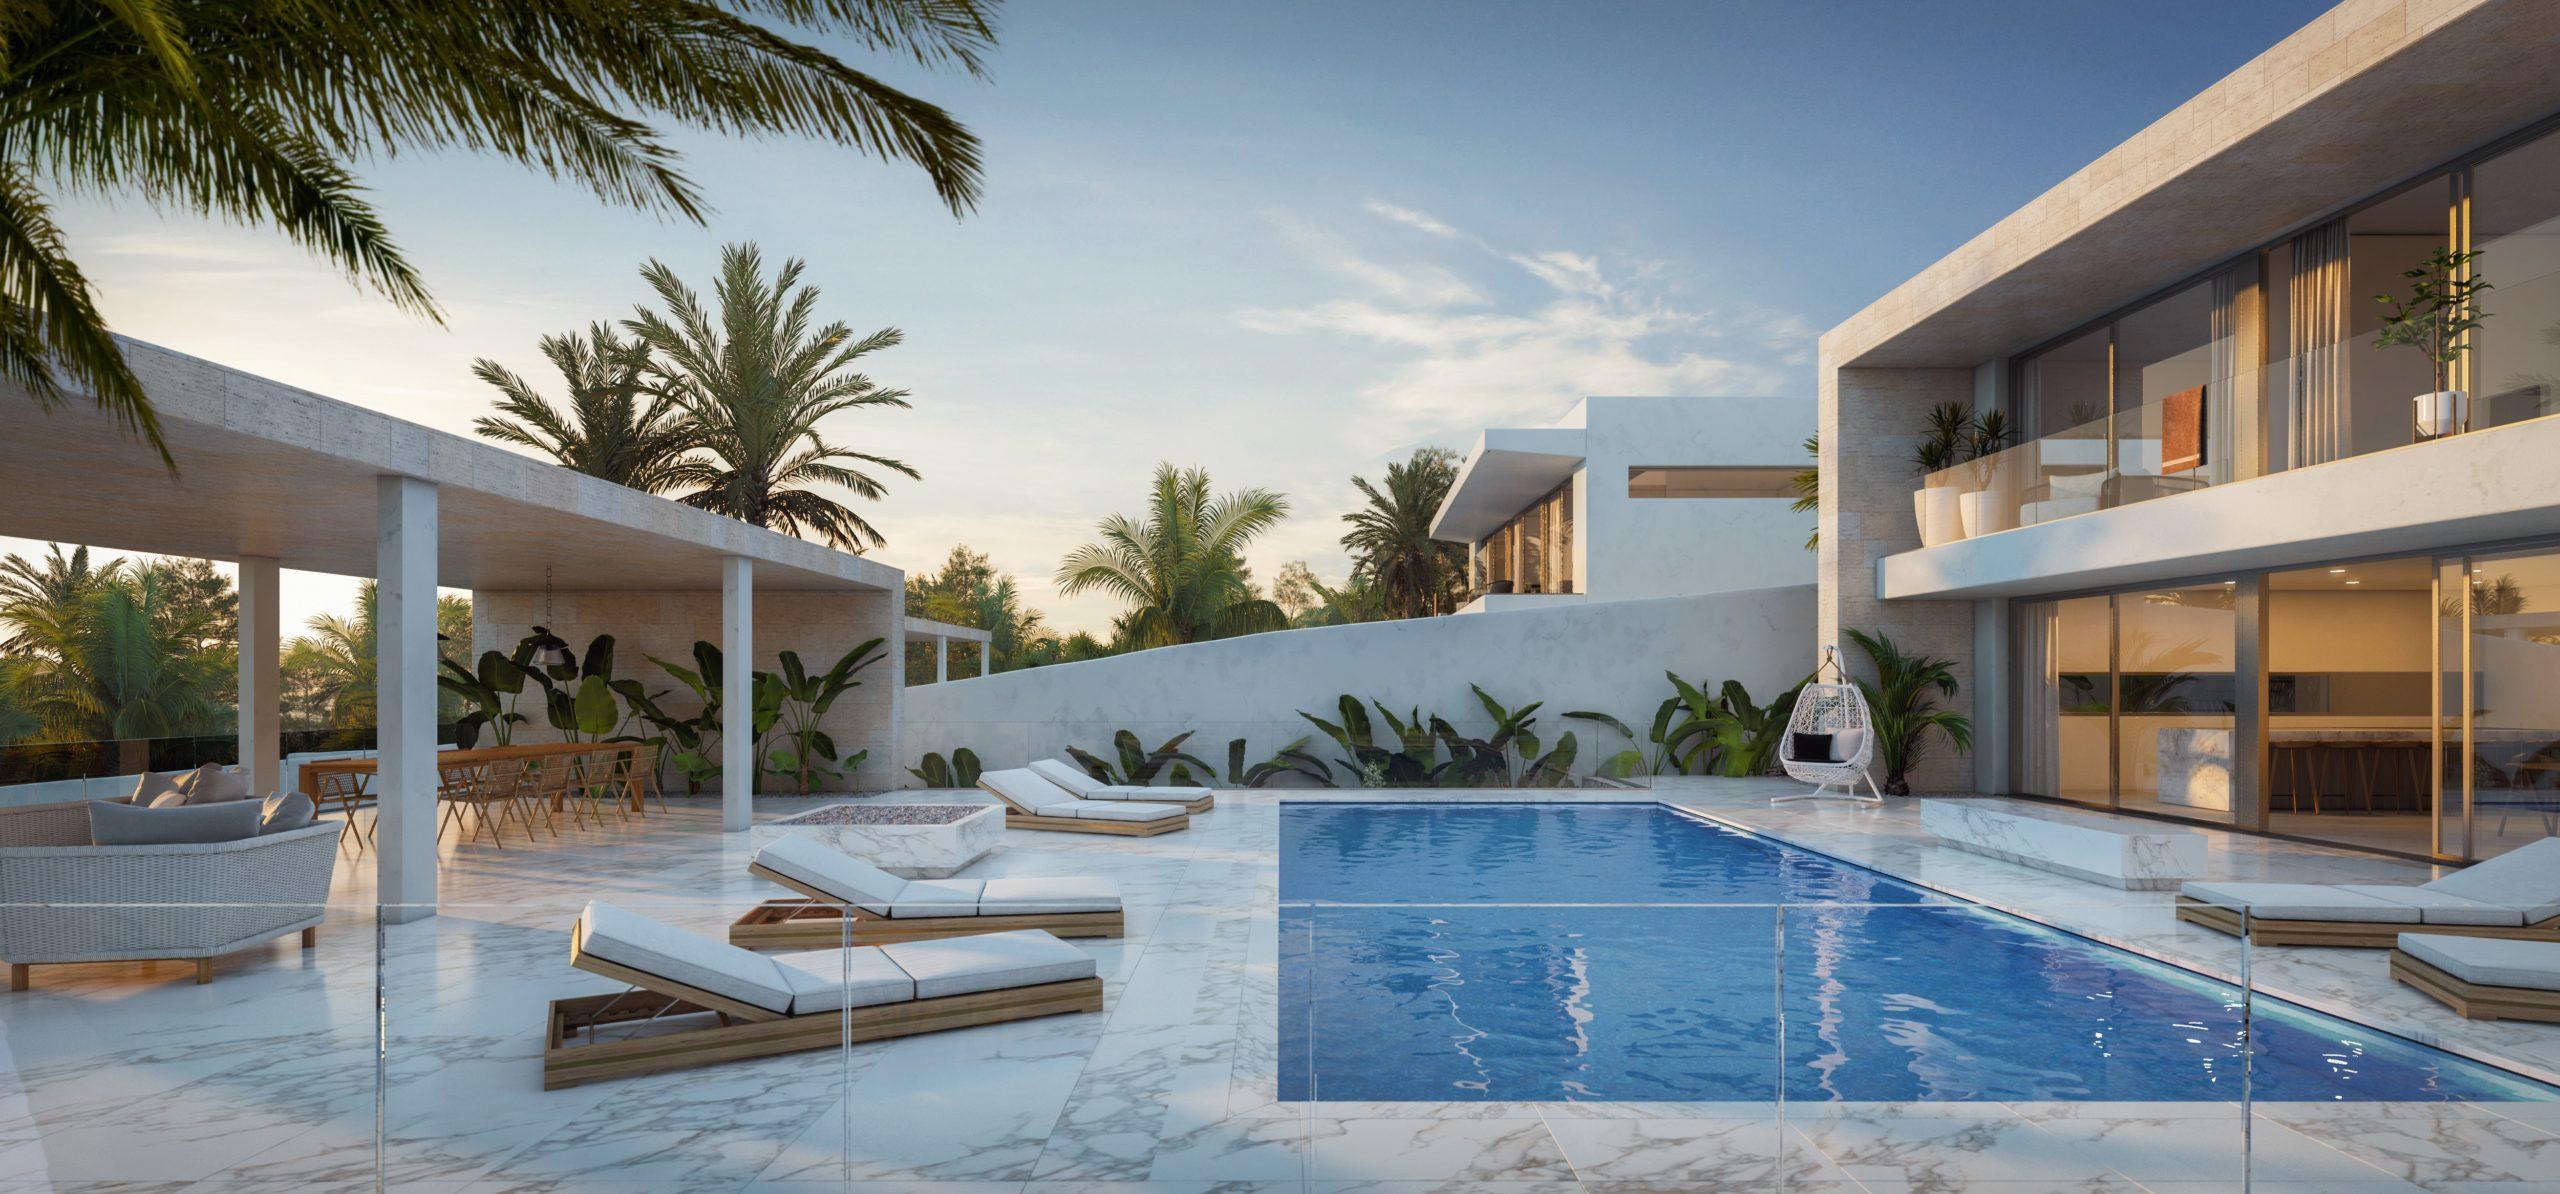 1720 - Cap Martinet Ibiza_Cam 9_HR_20191001